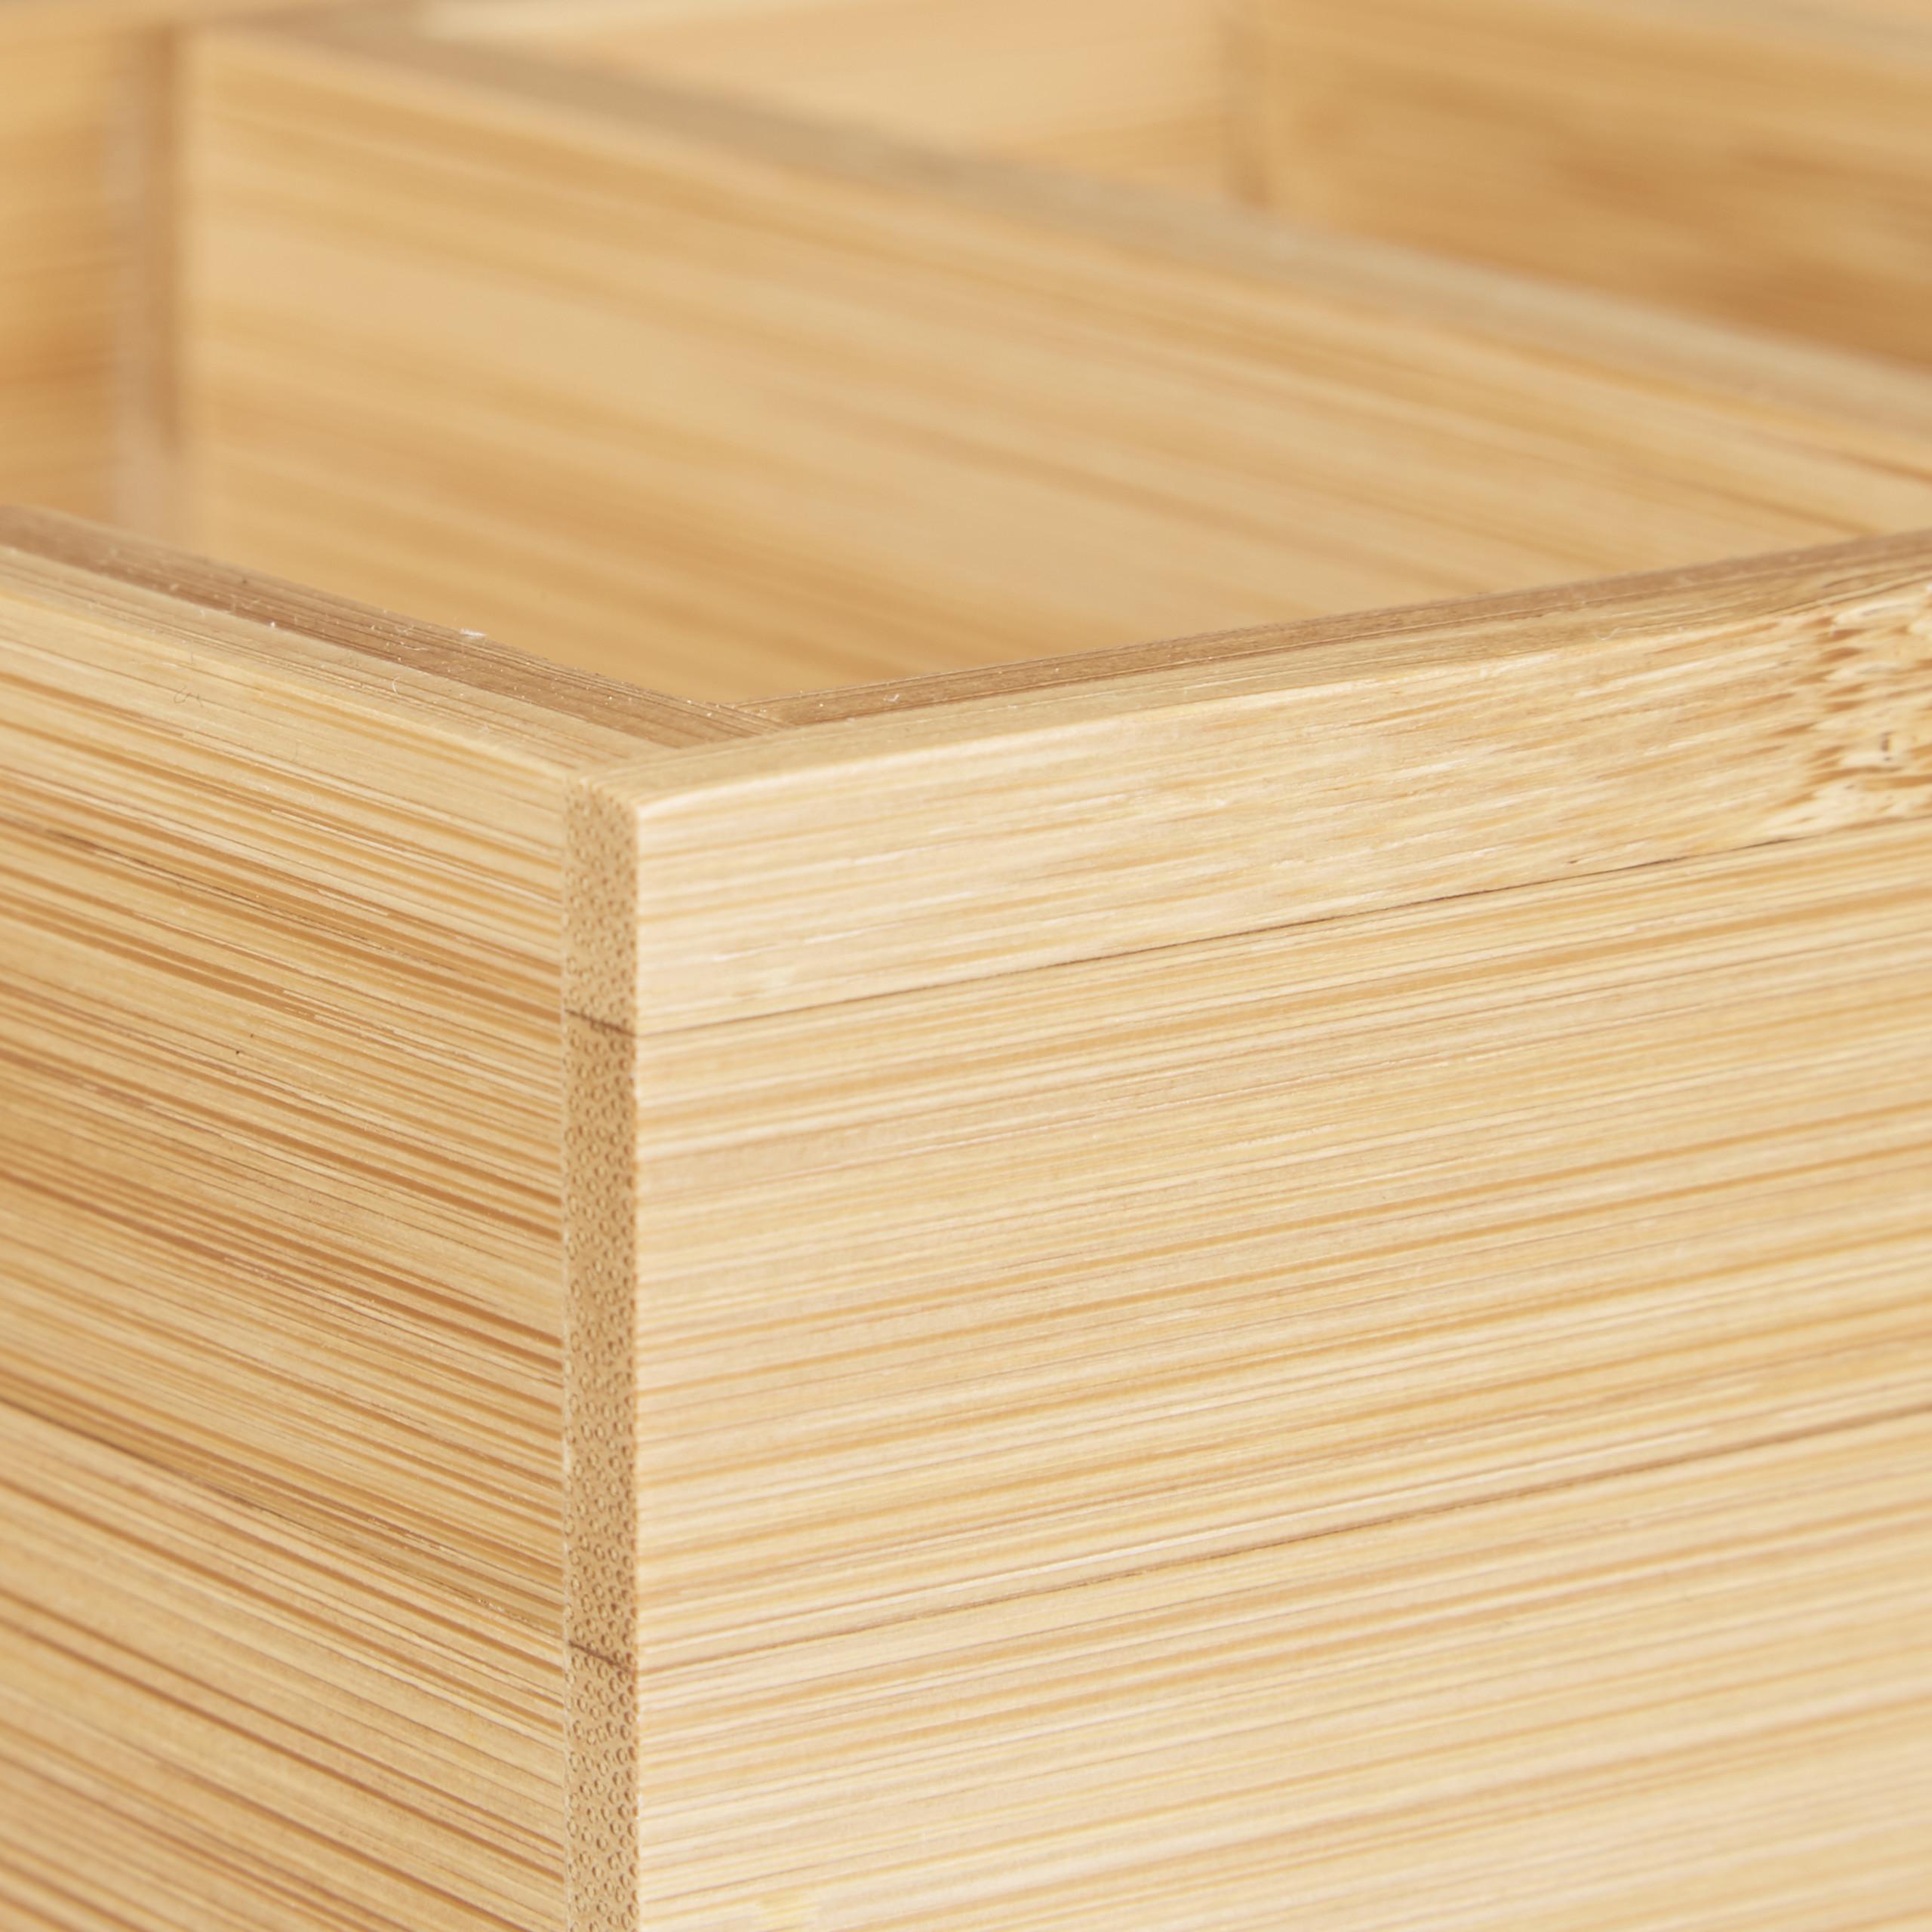 Karteikasten-DIN-A8-Holz-natuerlich-Karteikartensystem-Lernbox-Visitenkartenbox Indexbild 7